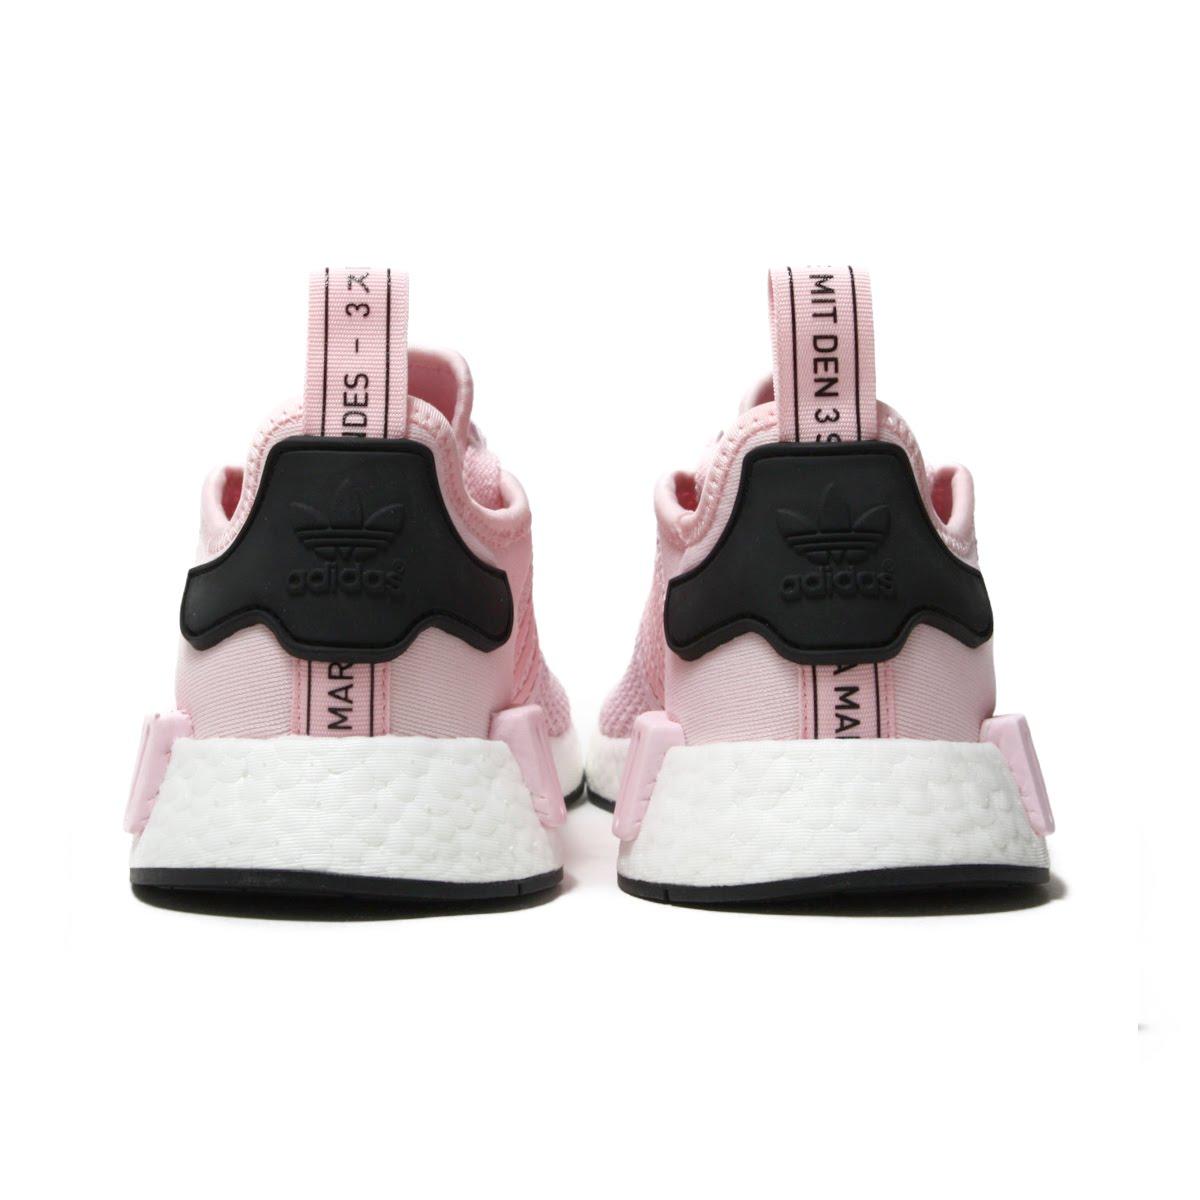 c5c6a028c adidas NMD R1 W (Adidas N M D R1W) clear pink   running white   core black  18FW-I